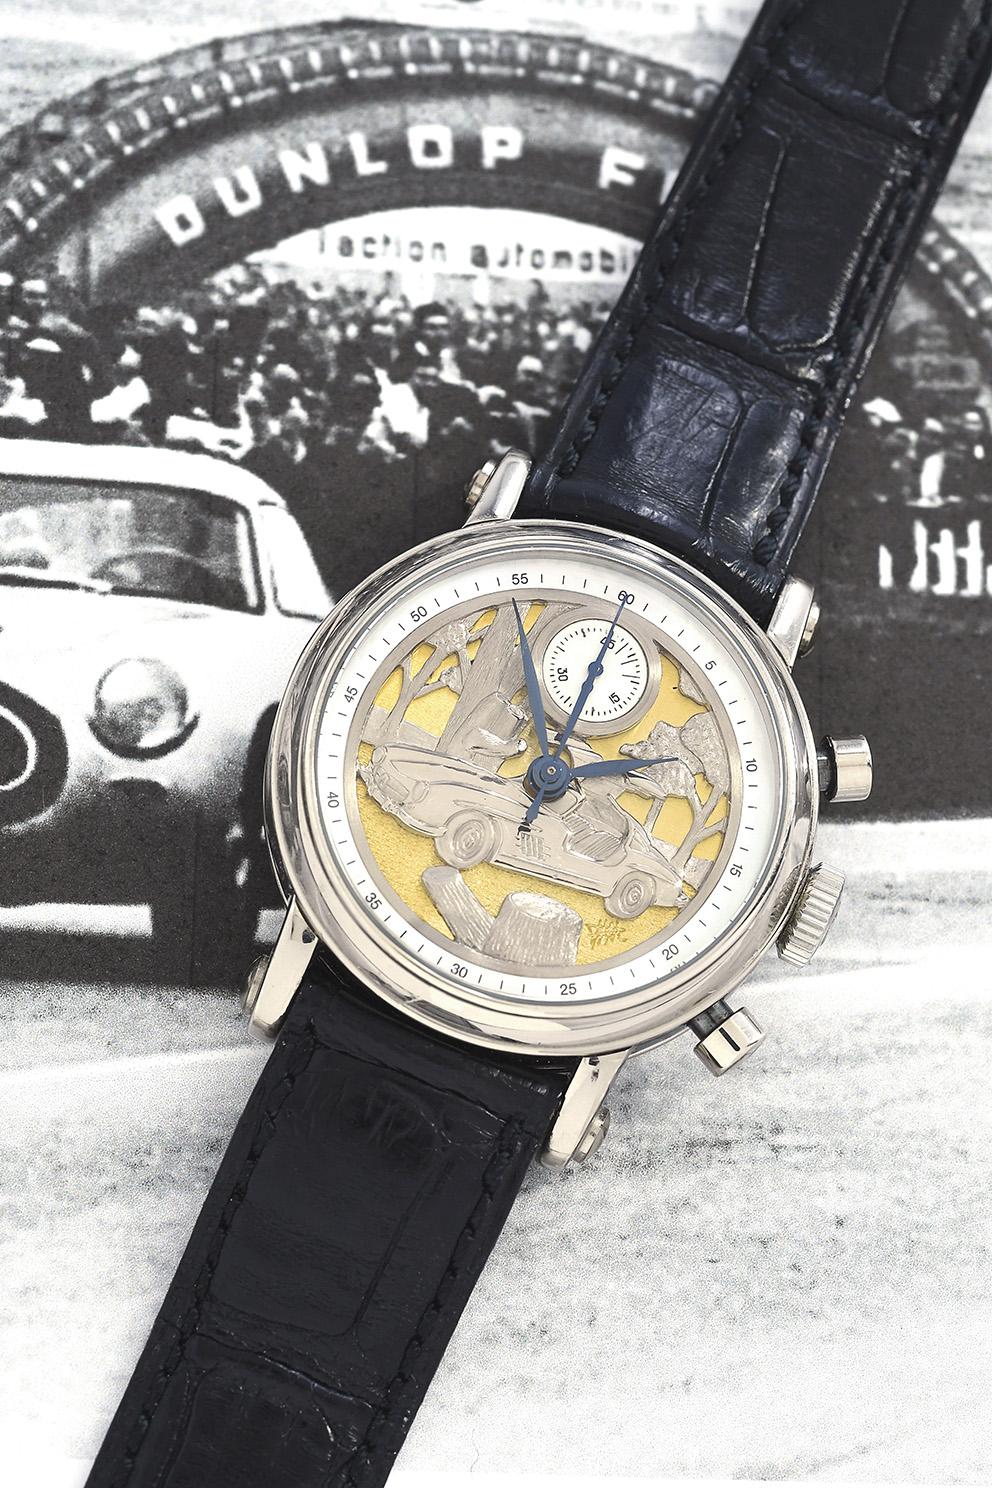 Pour conduire la belle allemande, on mettra à son poignet cette montre Franck Muller, datée vers 2008 mais qui rend hommage au coupé Merce